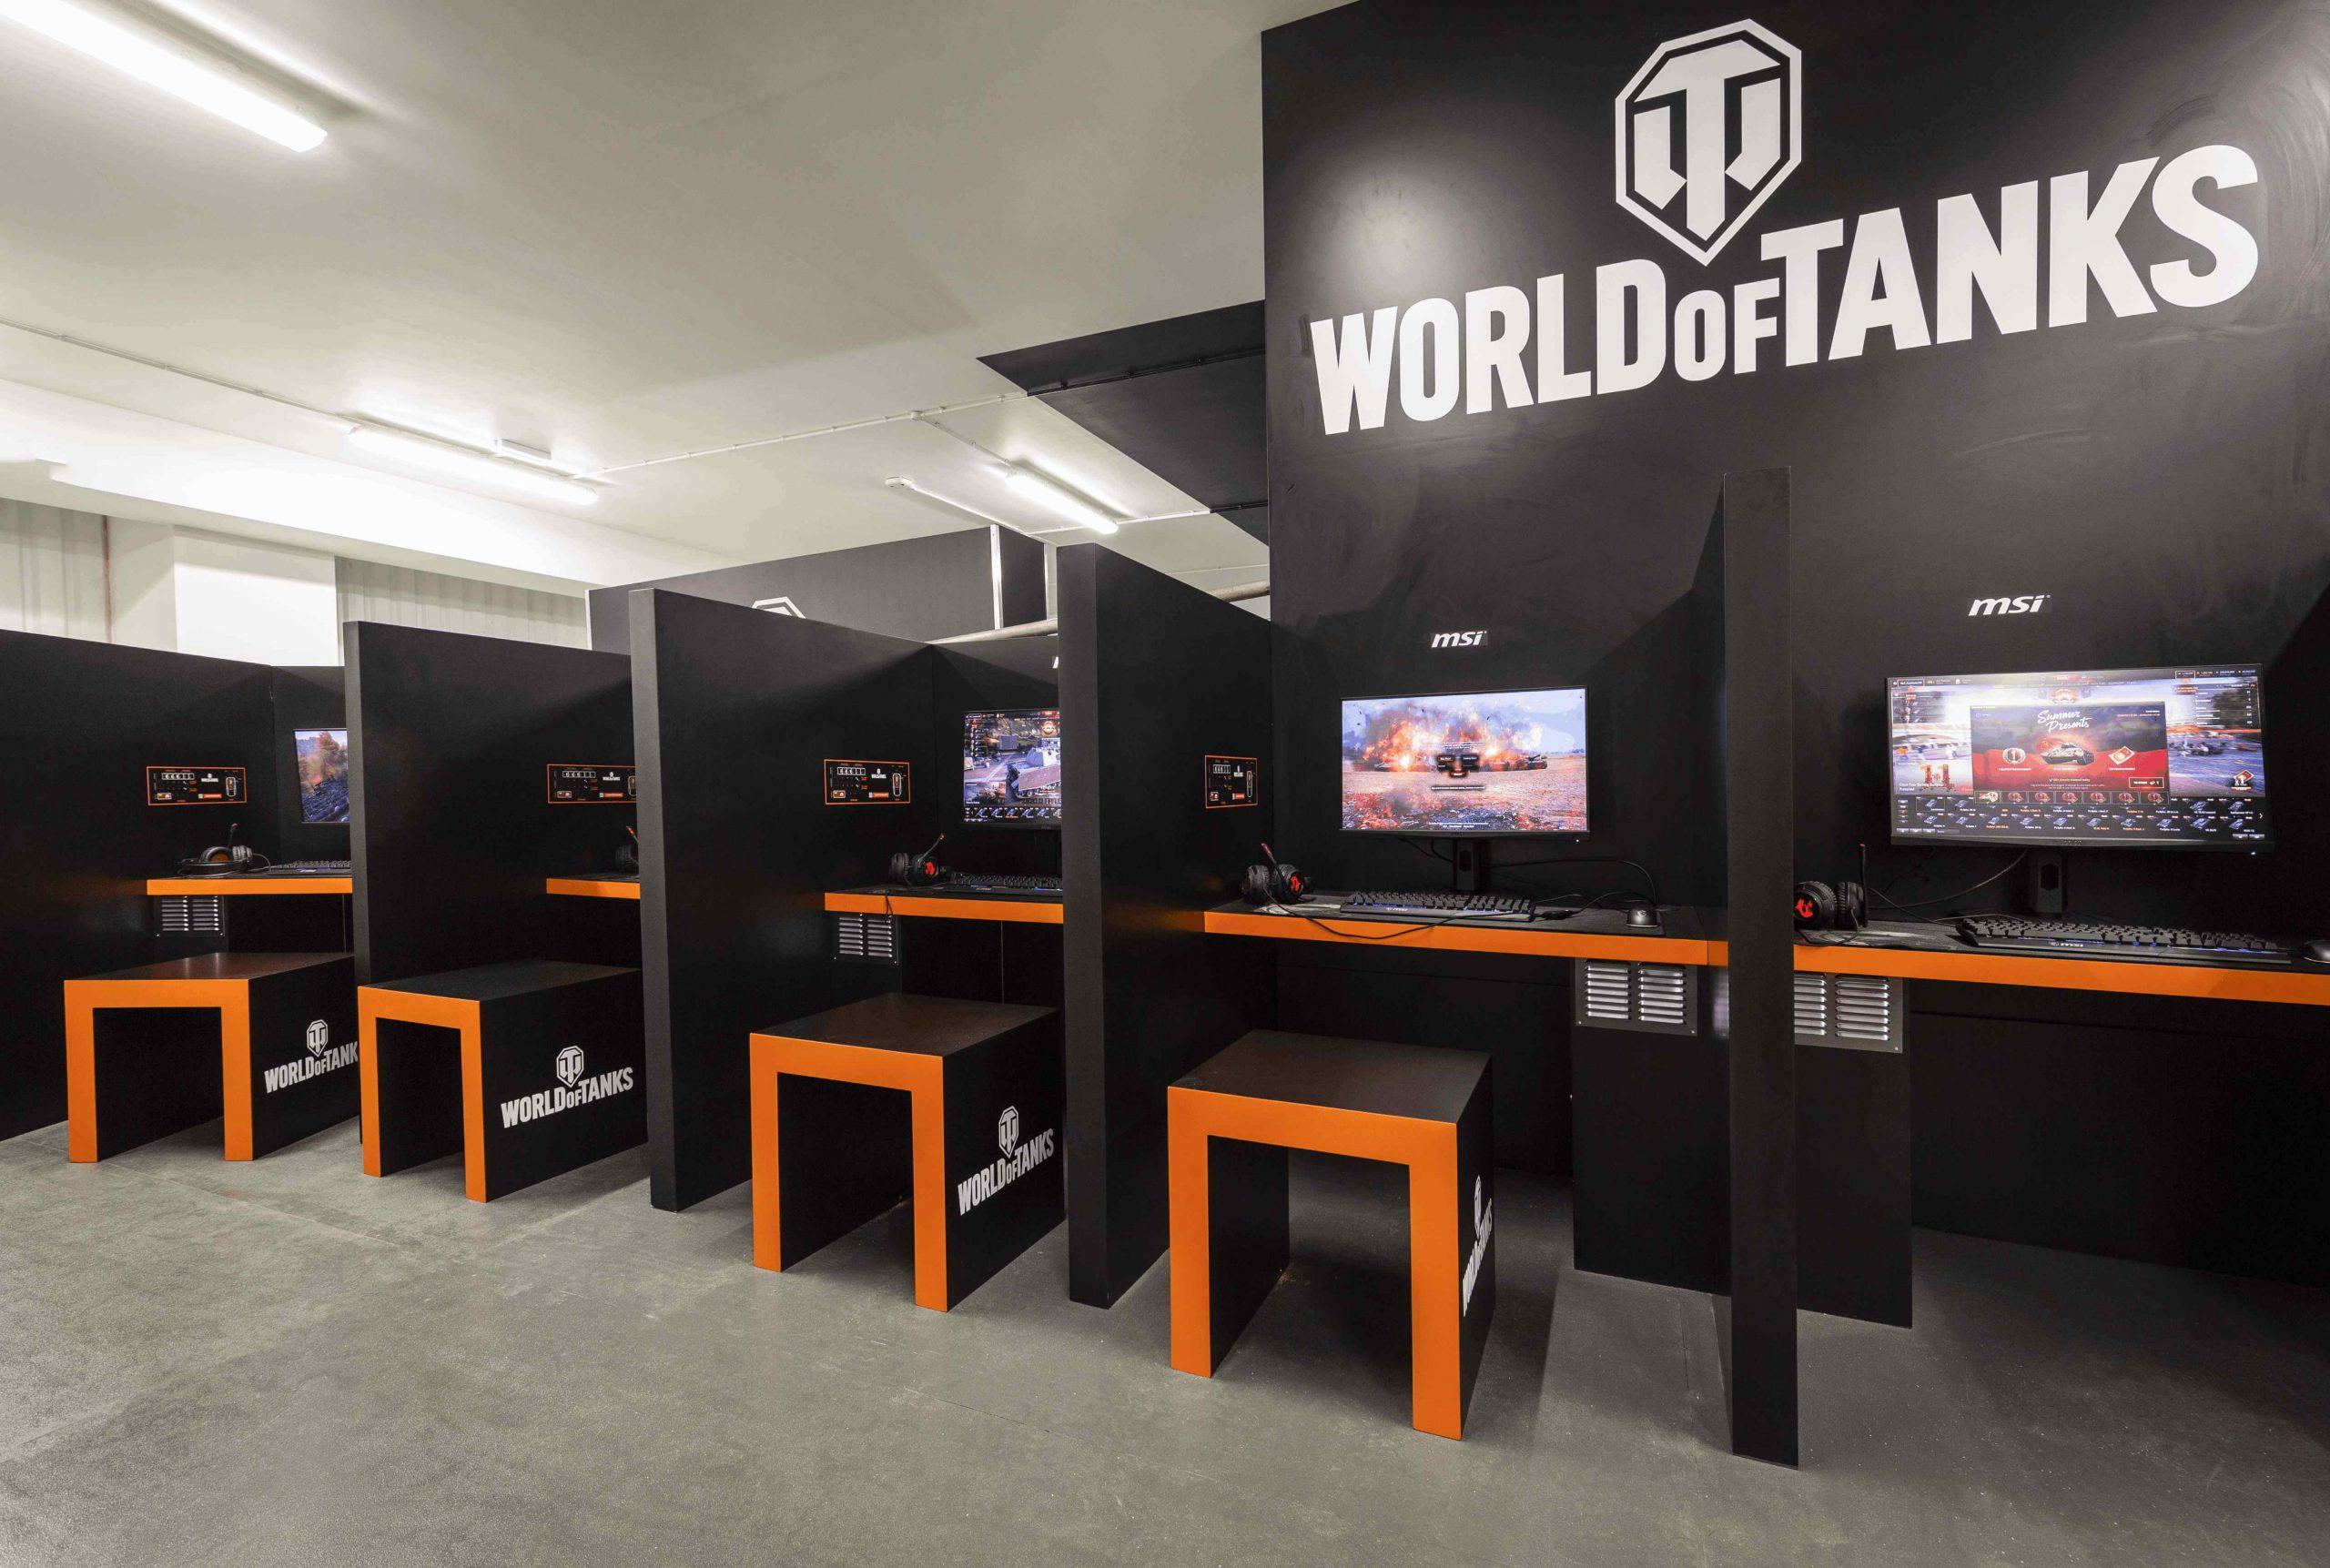 world_of_tanks_gaming_zone_the_tank_museum_screenshot_3